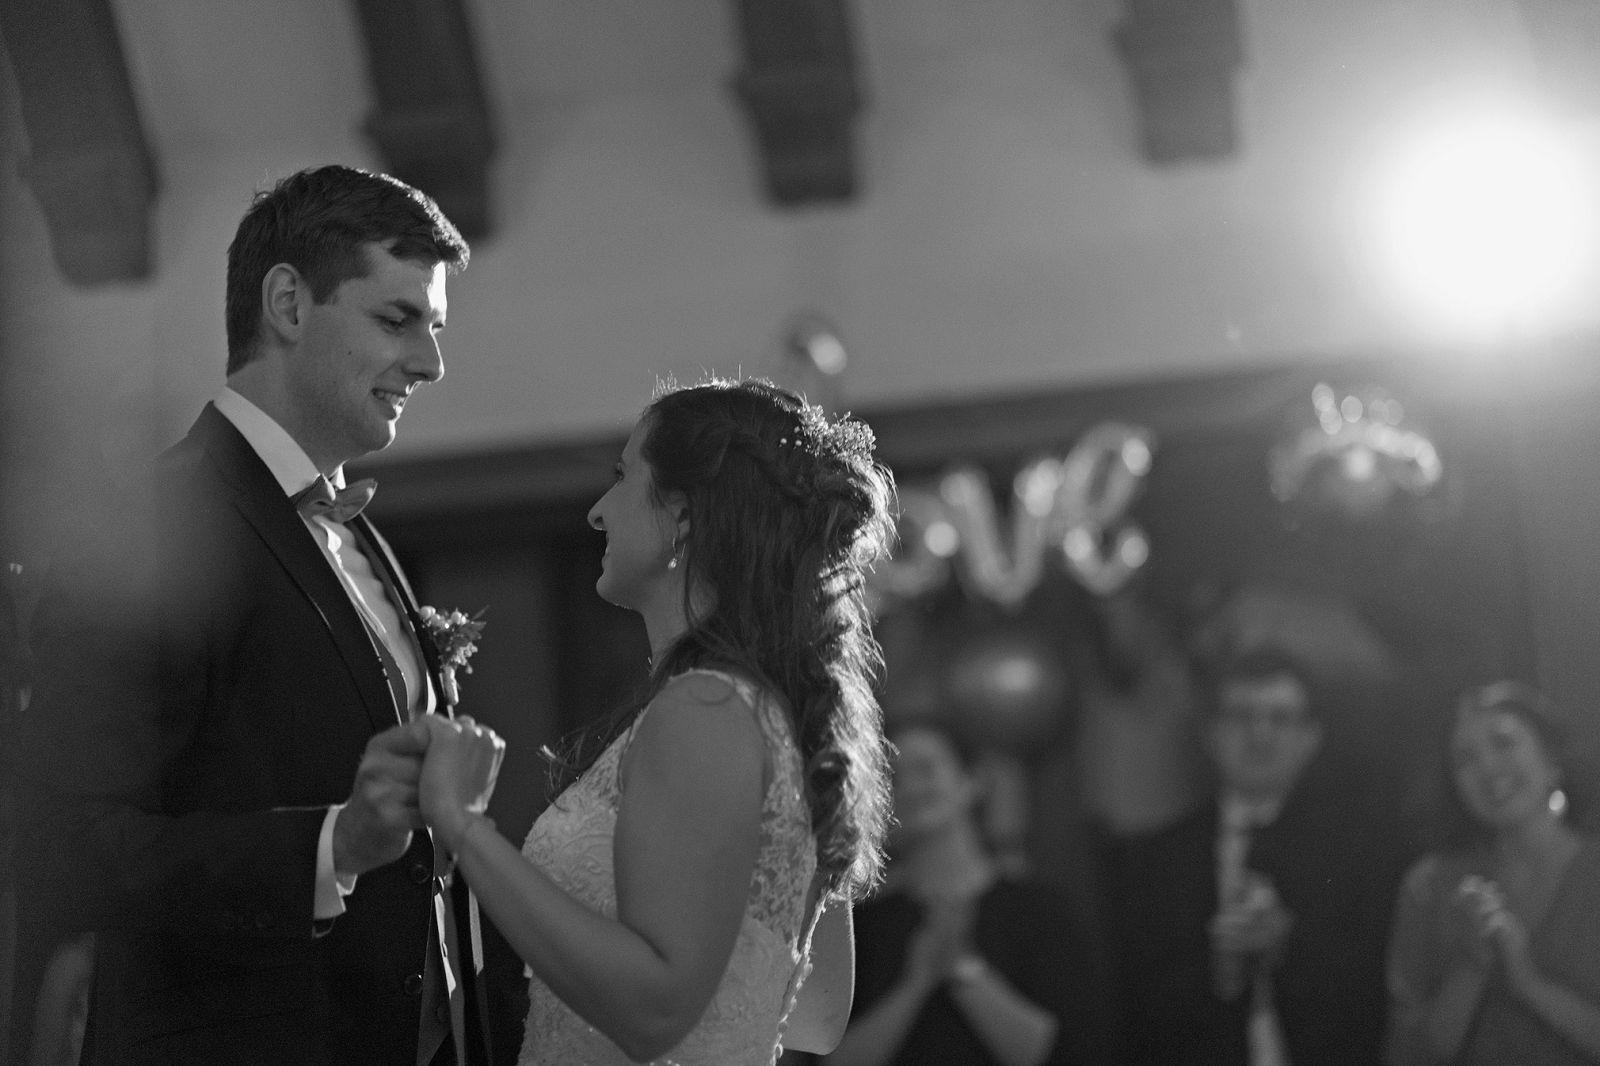 hochzeitstanz schloss kransberg heiraten in frankfurt freie trauung taunus hochzeitsfotografin hochzeitsreportage